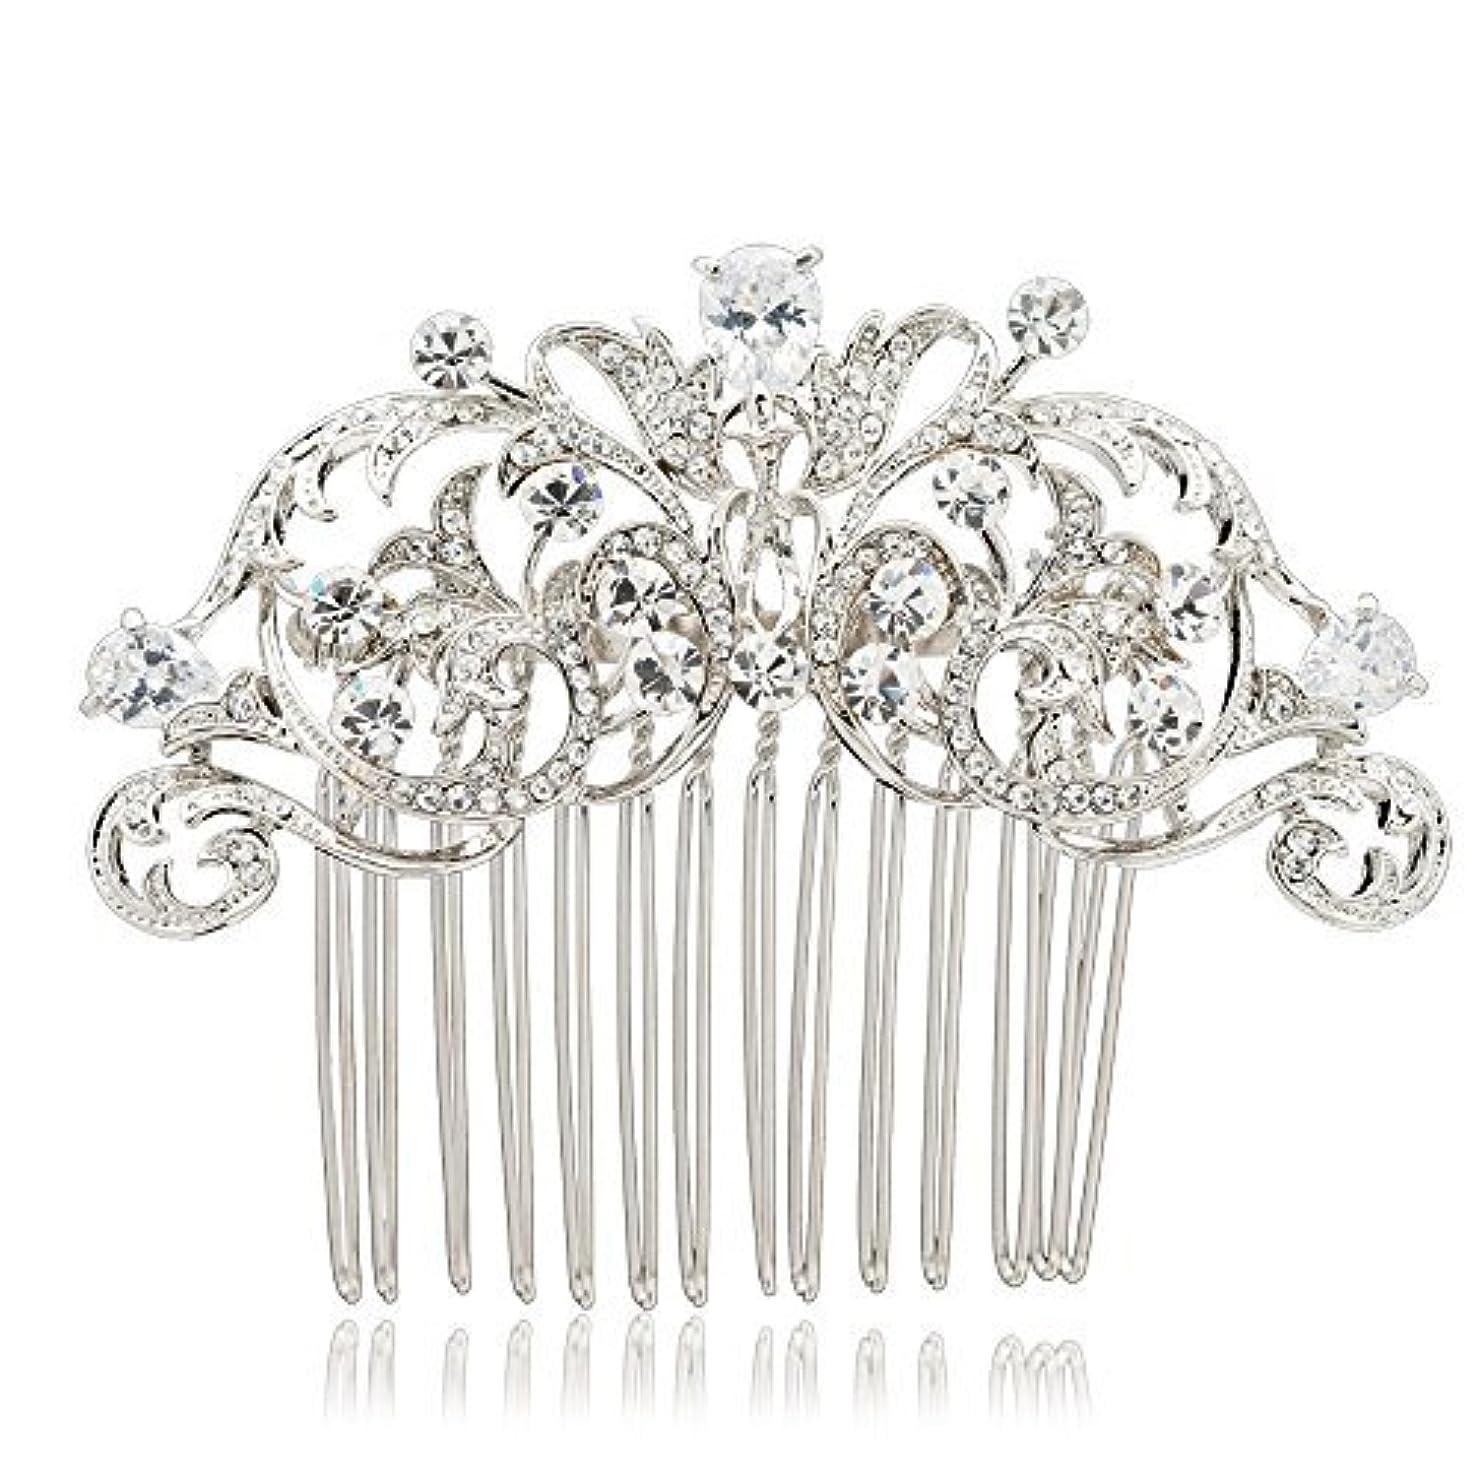 レザー直面するバイナリSEPBRIDALS Crystal Rhinestone Hair Side Comb Pins Bridal Wedding Women Hair Accessories Jewelry 2253R [並行輸入品]